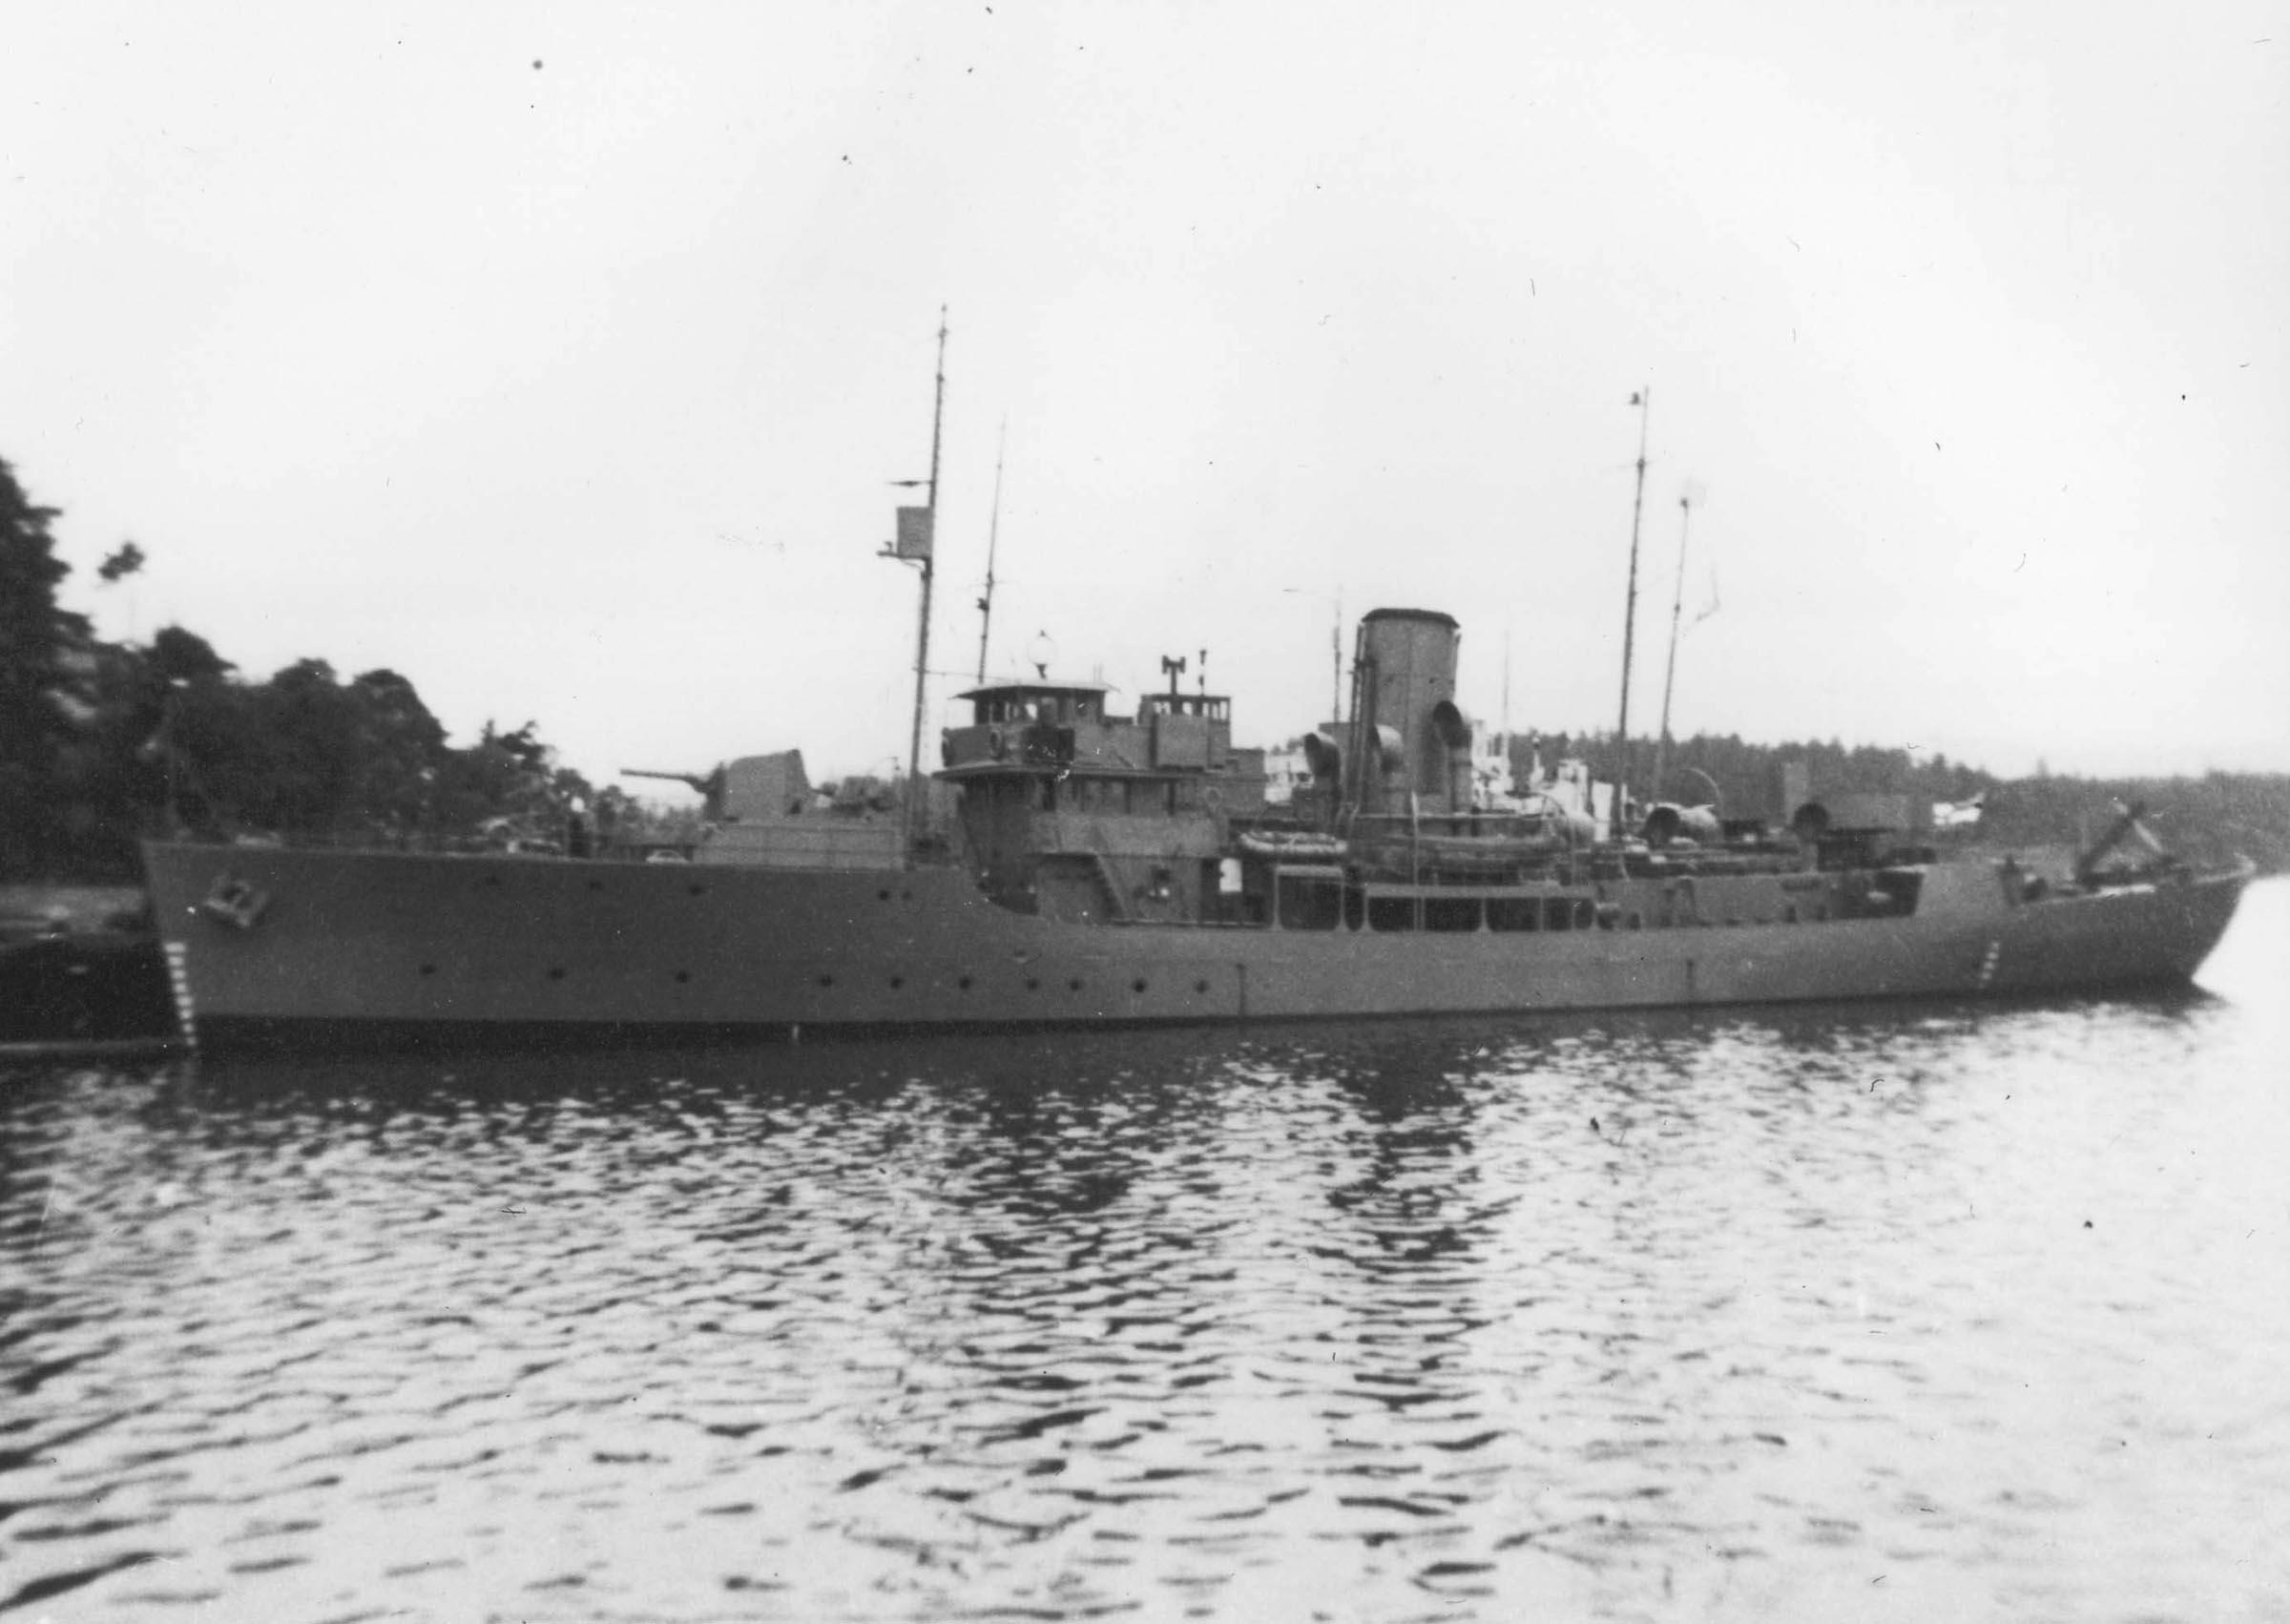 HMCS QUESNEL